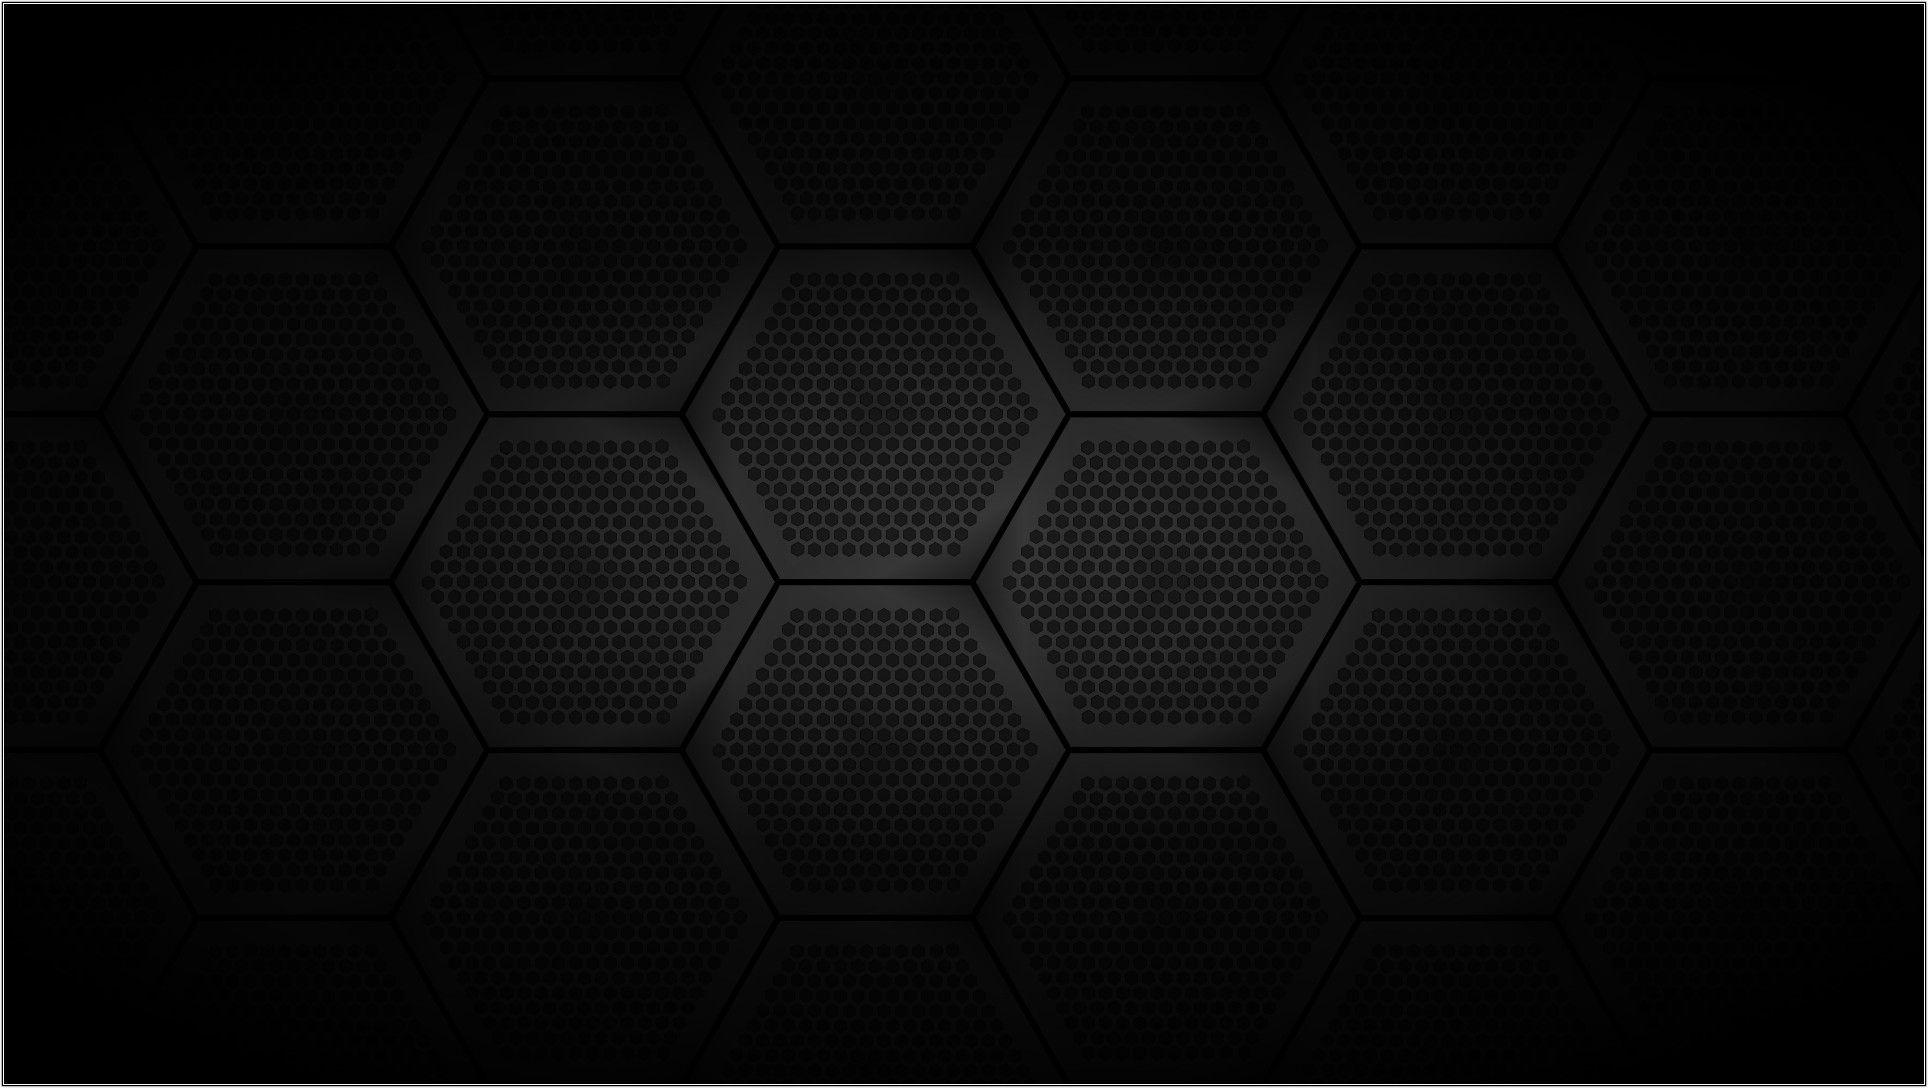 carbon fiber wallpaper 4k